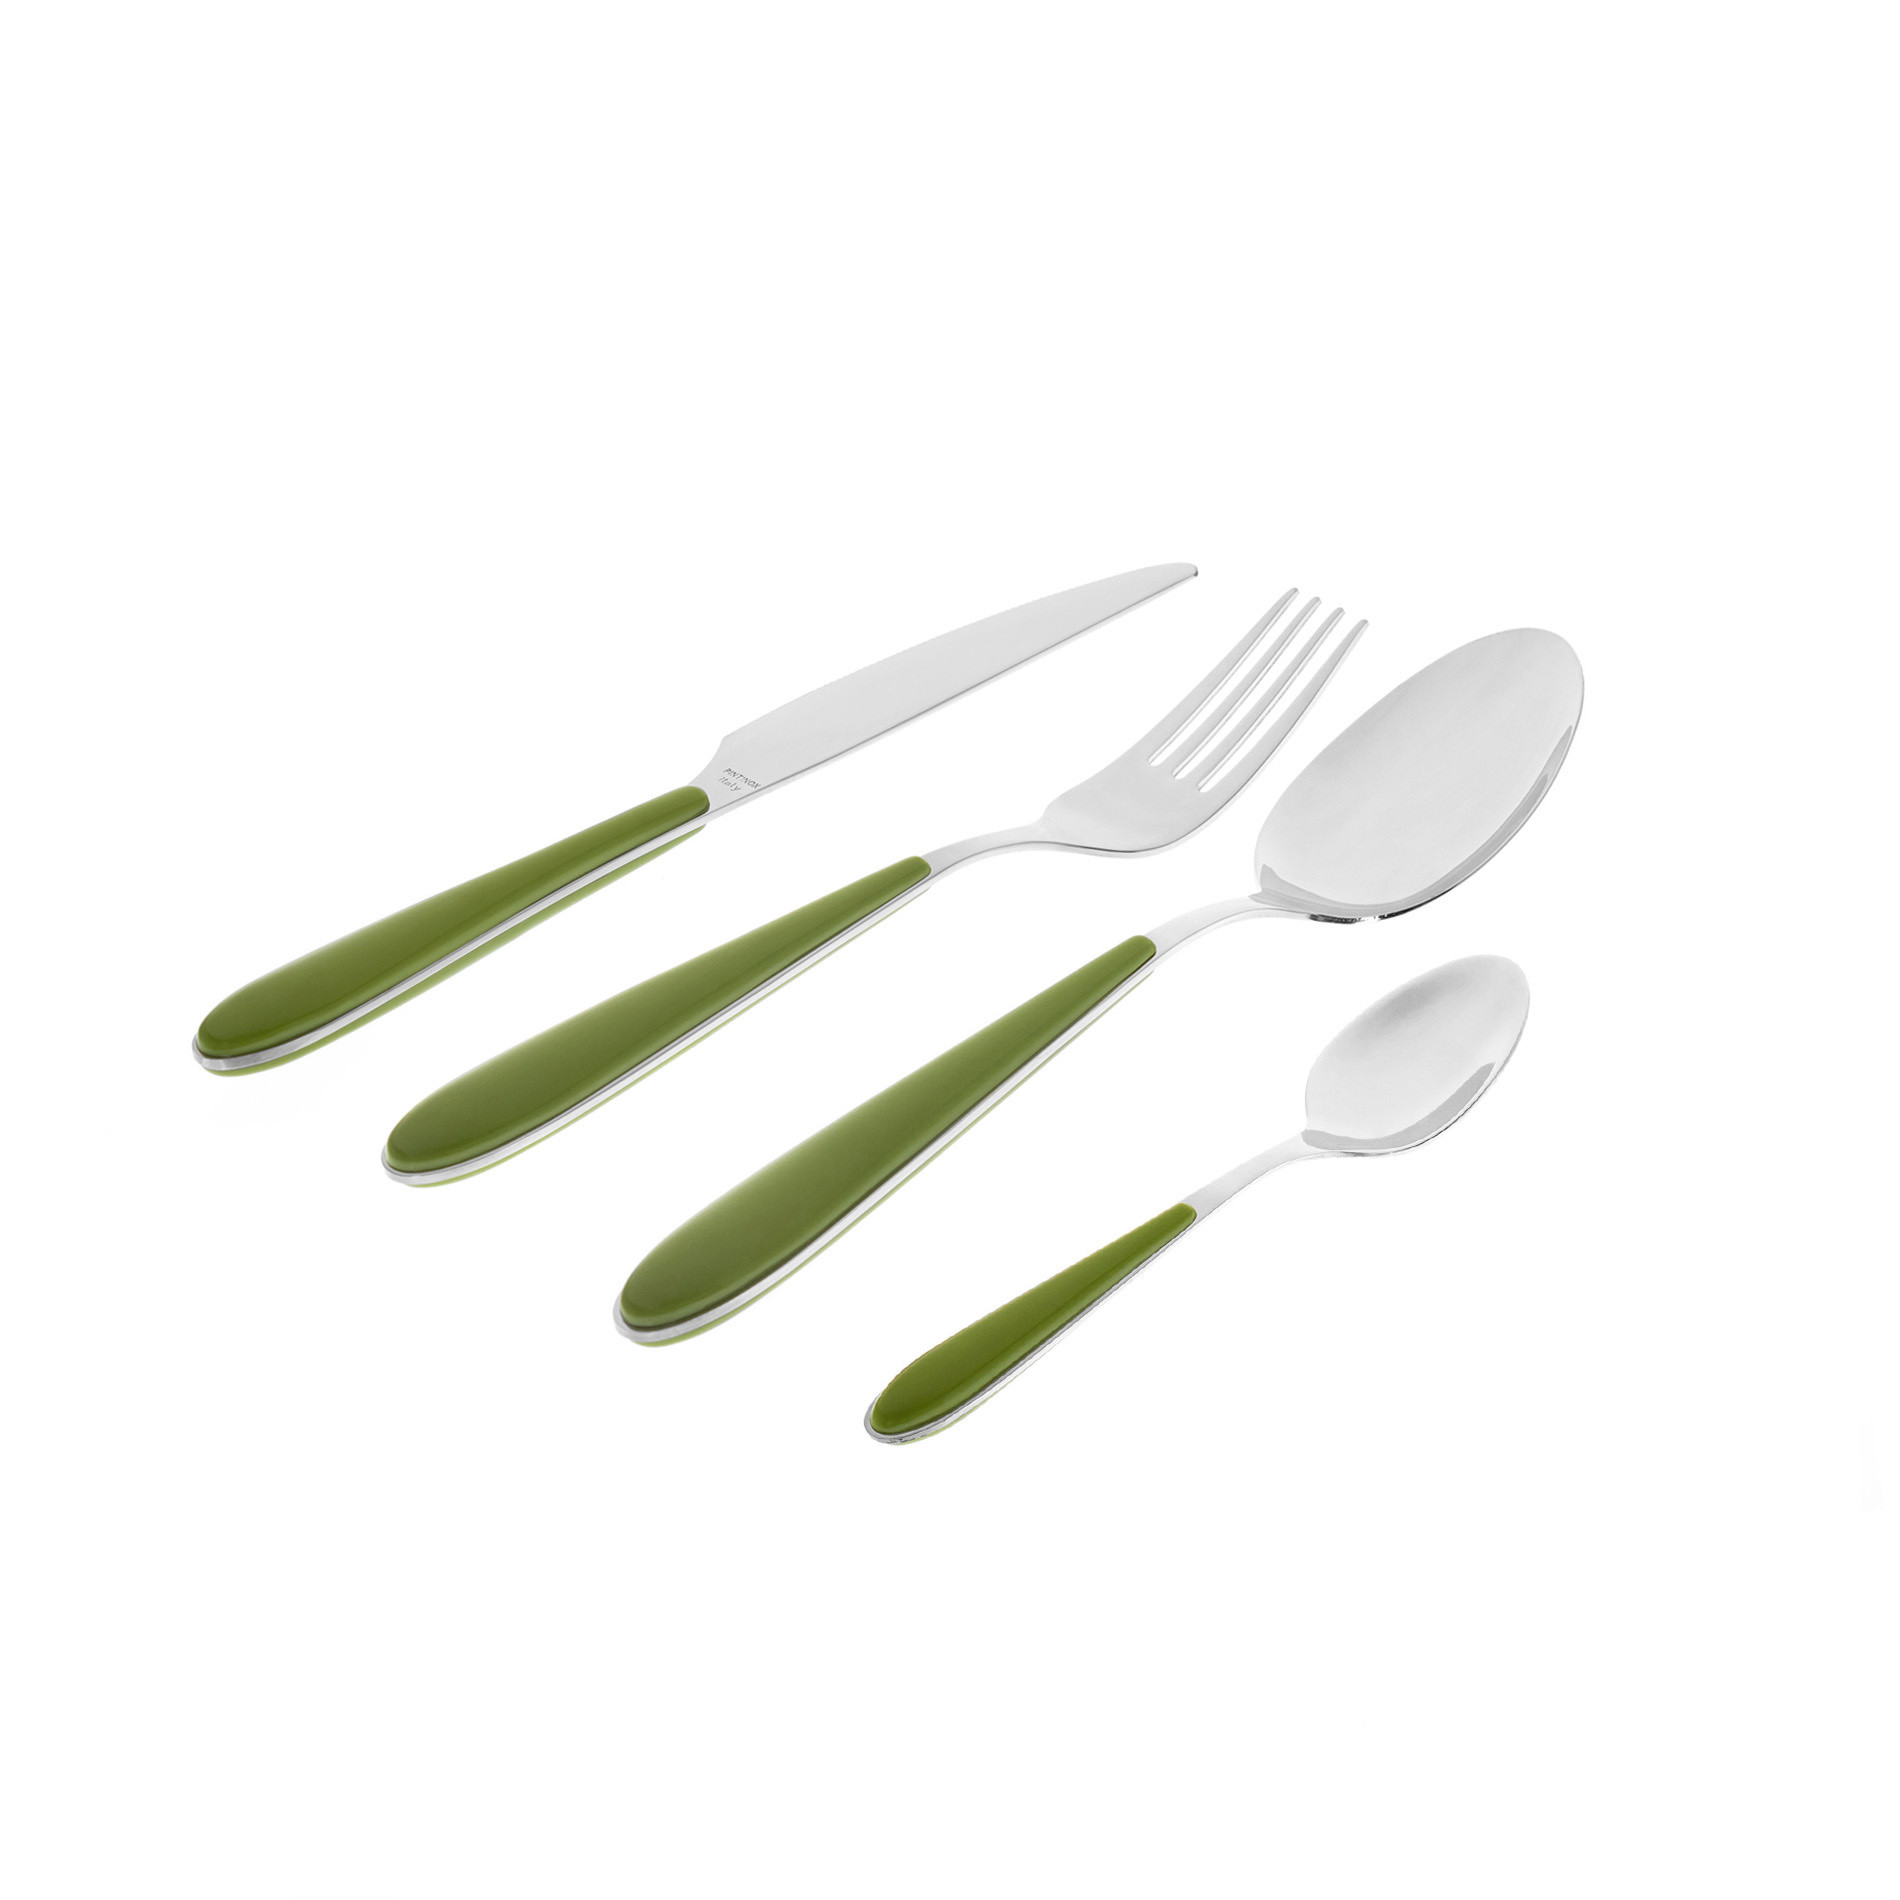 Coltello acciaio inox e plastica, Verde, large image number 2